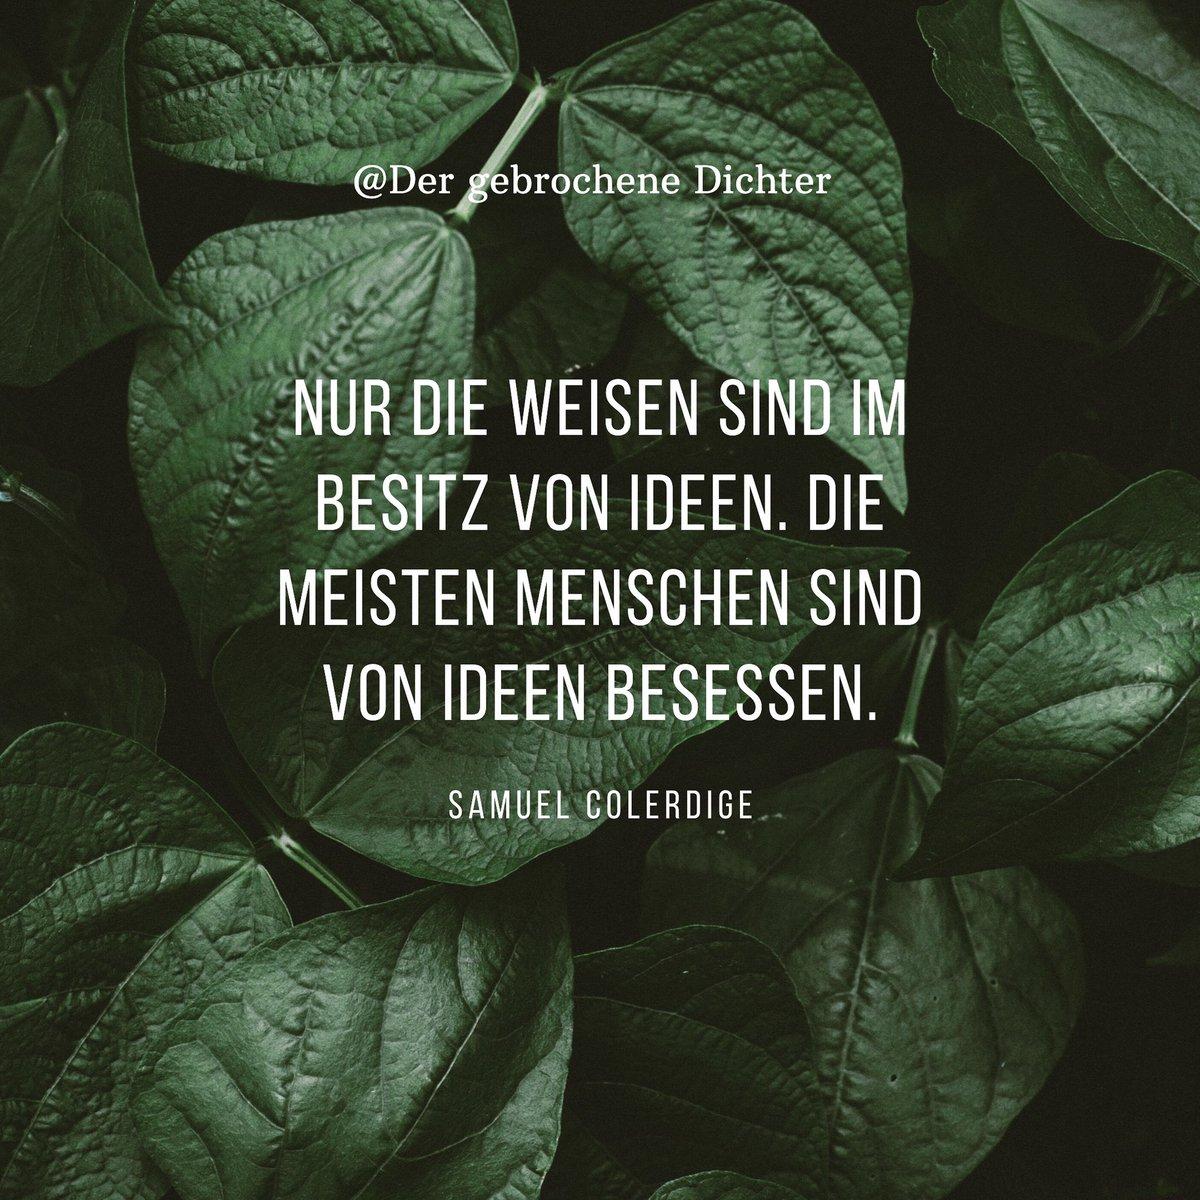 Worin der Unterschied liegt ...  #zitat #zitate #erfolg #sprüche #Spruch #weise #klug #intelligent #münchen #bayern #ios #apple #natur #blätter #erfolgsrezept #mindset #mind #gedankentanken #bussines #liebe #hass #selbstliebe #disziplin #selbstmotivationpic.twitter.com/jE77944npG